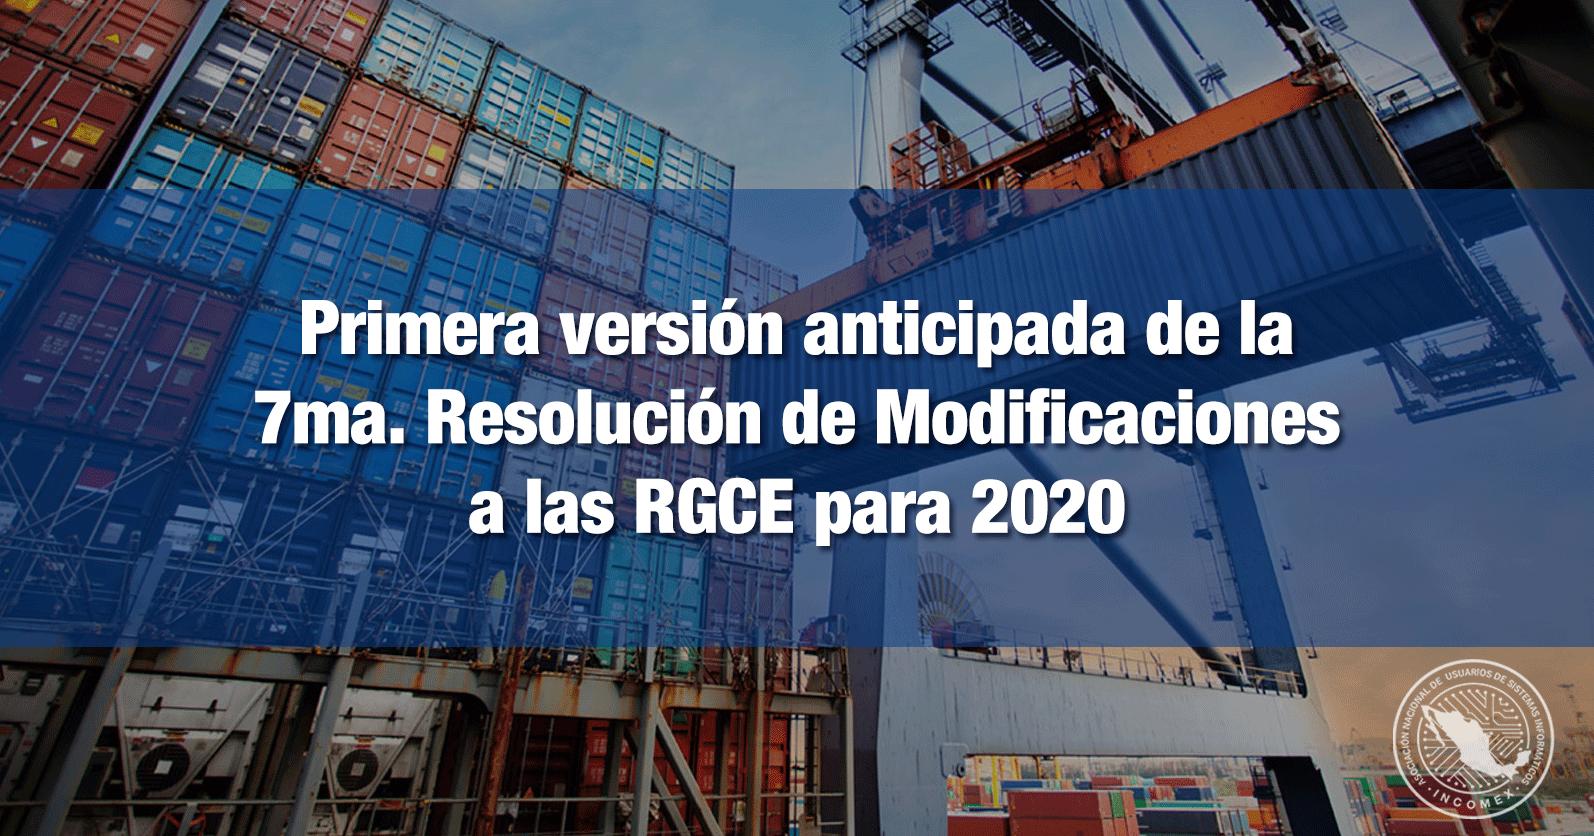 Primera versión anticipada de la 7ma. Resolución de Modificaciones a las RGCE para 2020